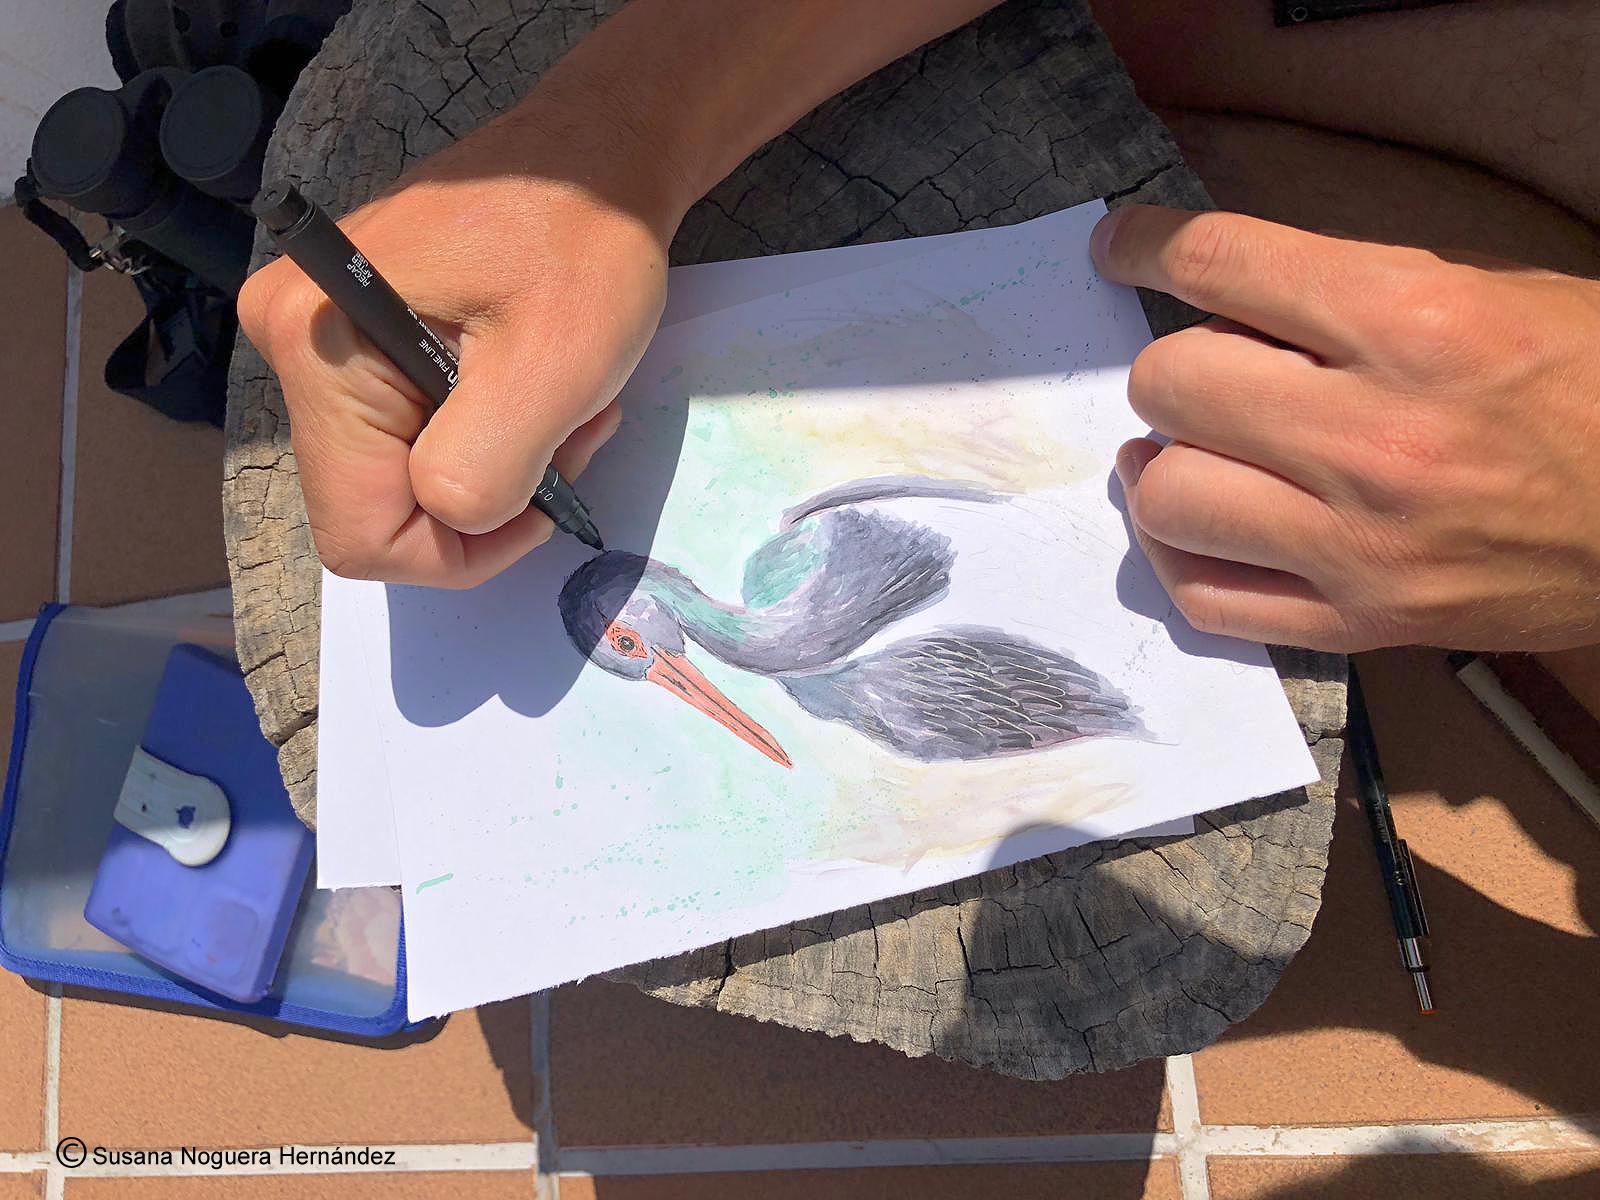 Miguel también había dibujado días atrás una cigüeña. Imagen: Susana Noguera Hernández